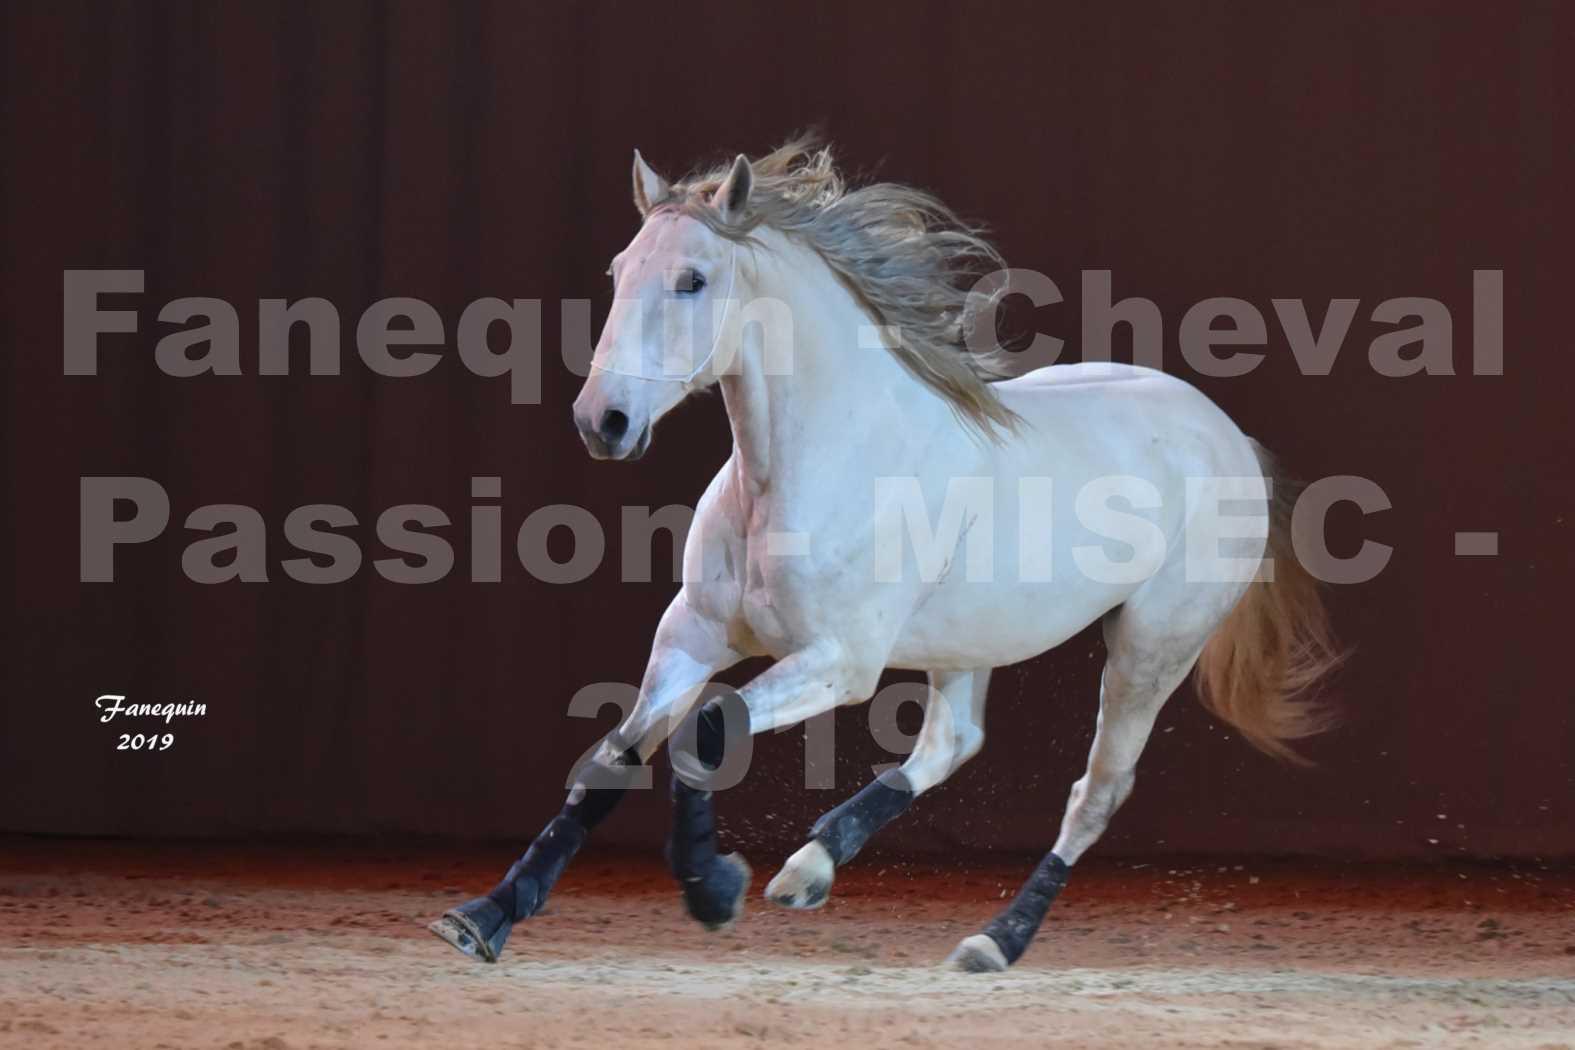 Cheval Passion 2019 - M. I. S. E. C. - Michel CASSAN & cheval en liberté - 01